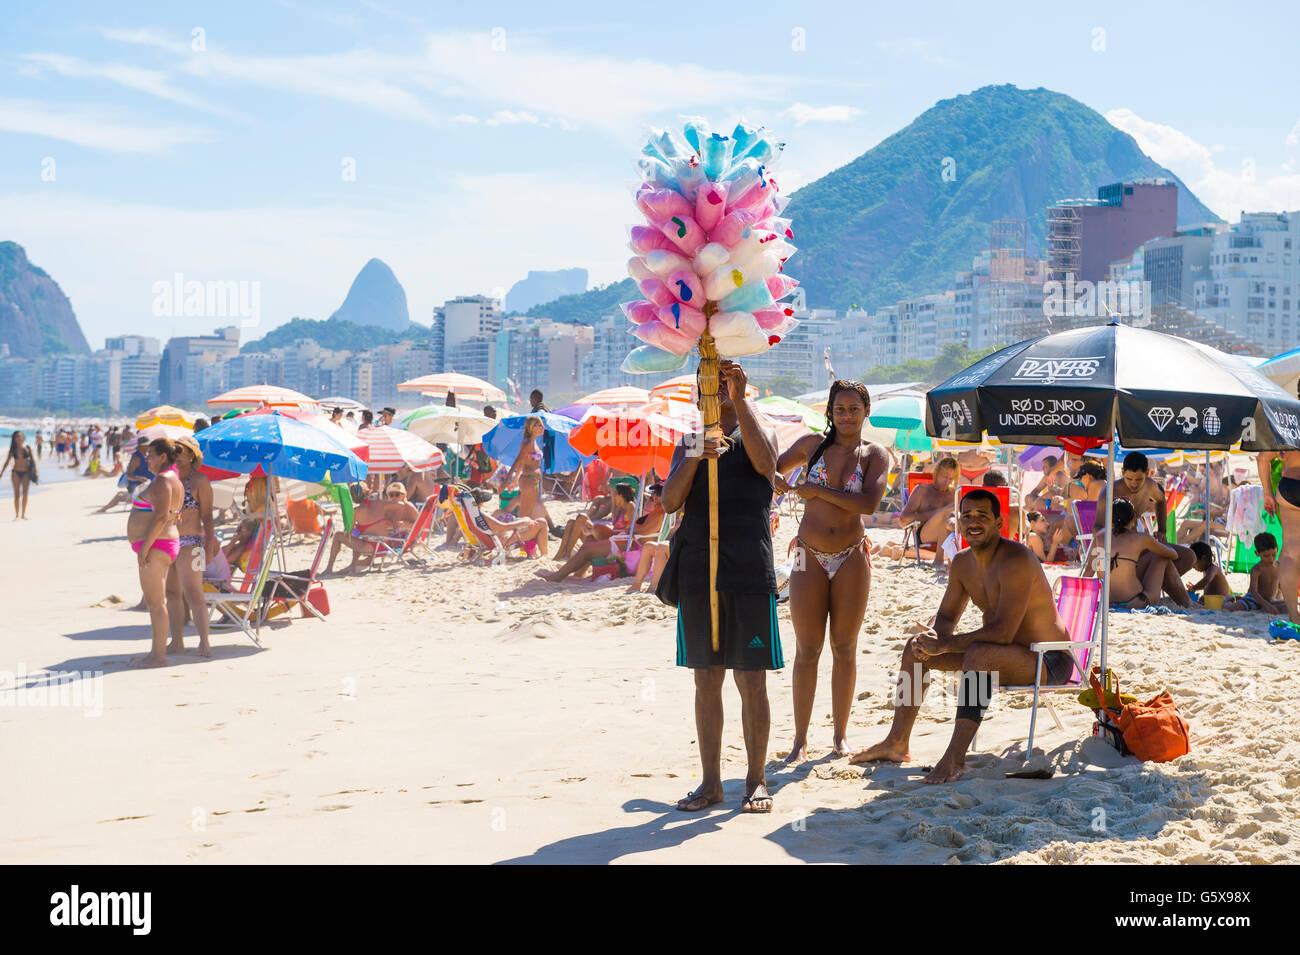 RIO DE JANEIRO - 27. Februar 2016: Brasilianischen Strand Verkäufer Verkauf Baumwolle Zuckerwatte Ansätze Kunden Stockfoto